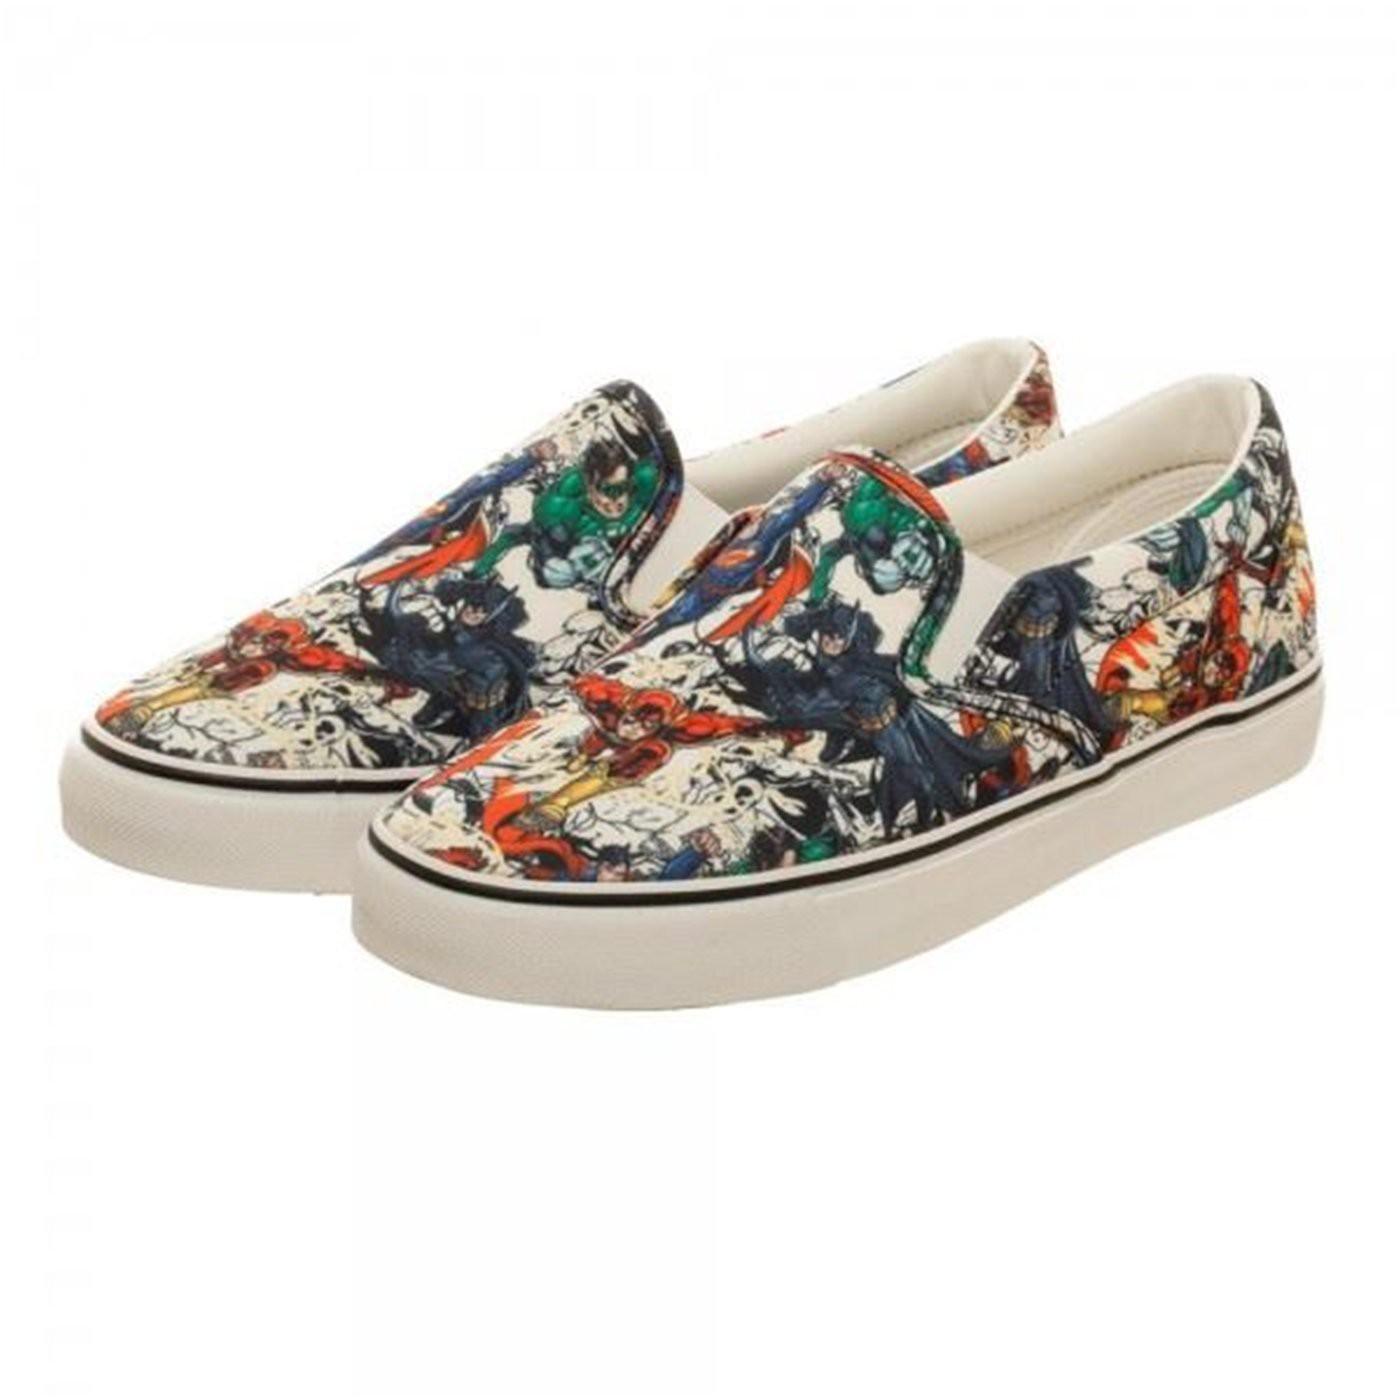 Justice League Unisex Dek Shoes